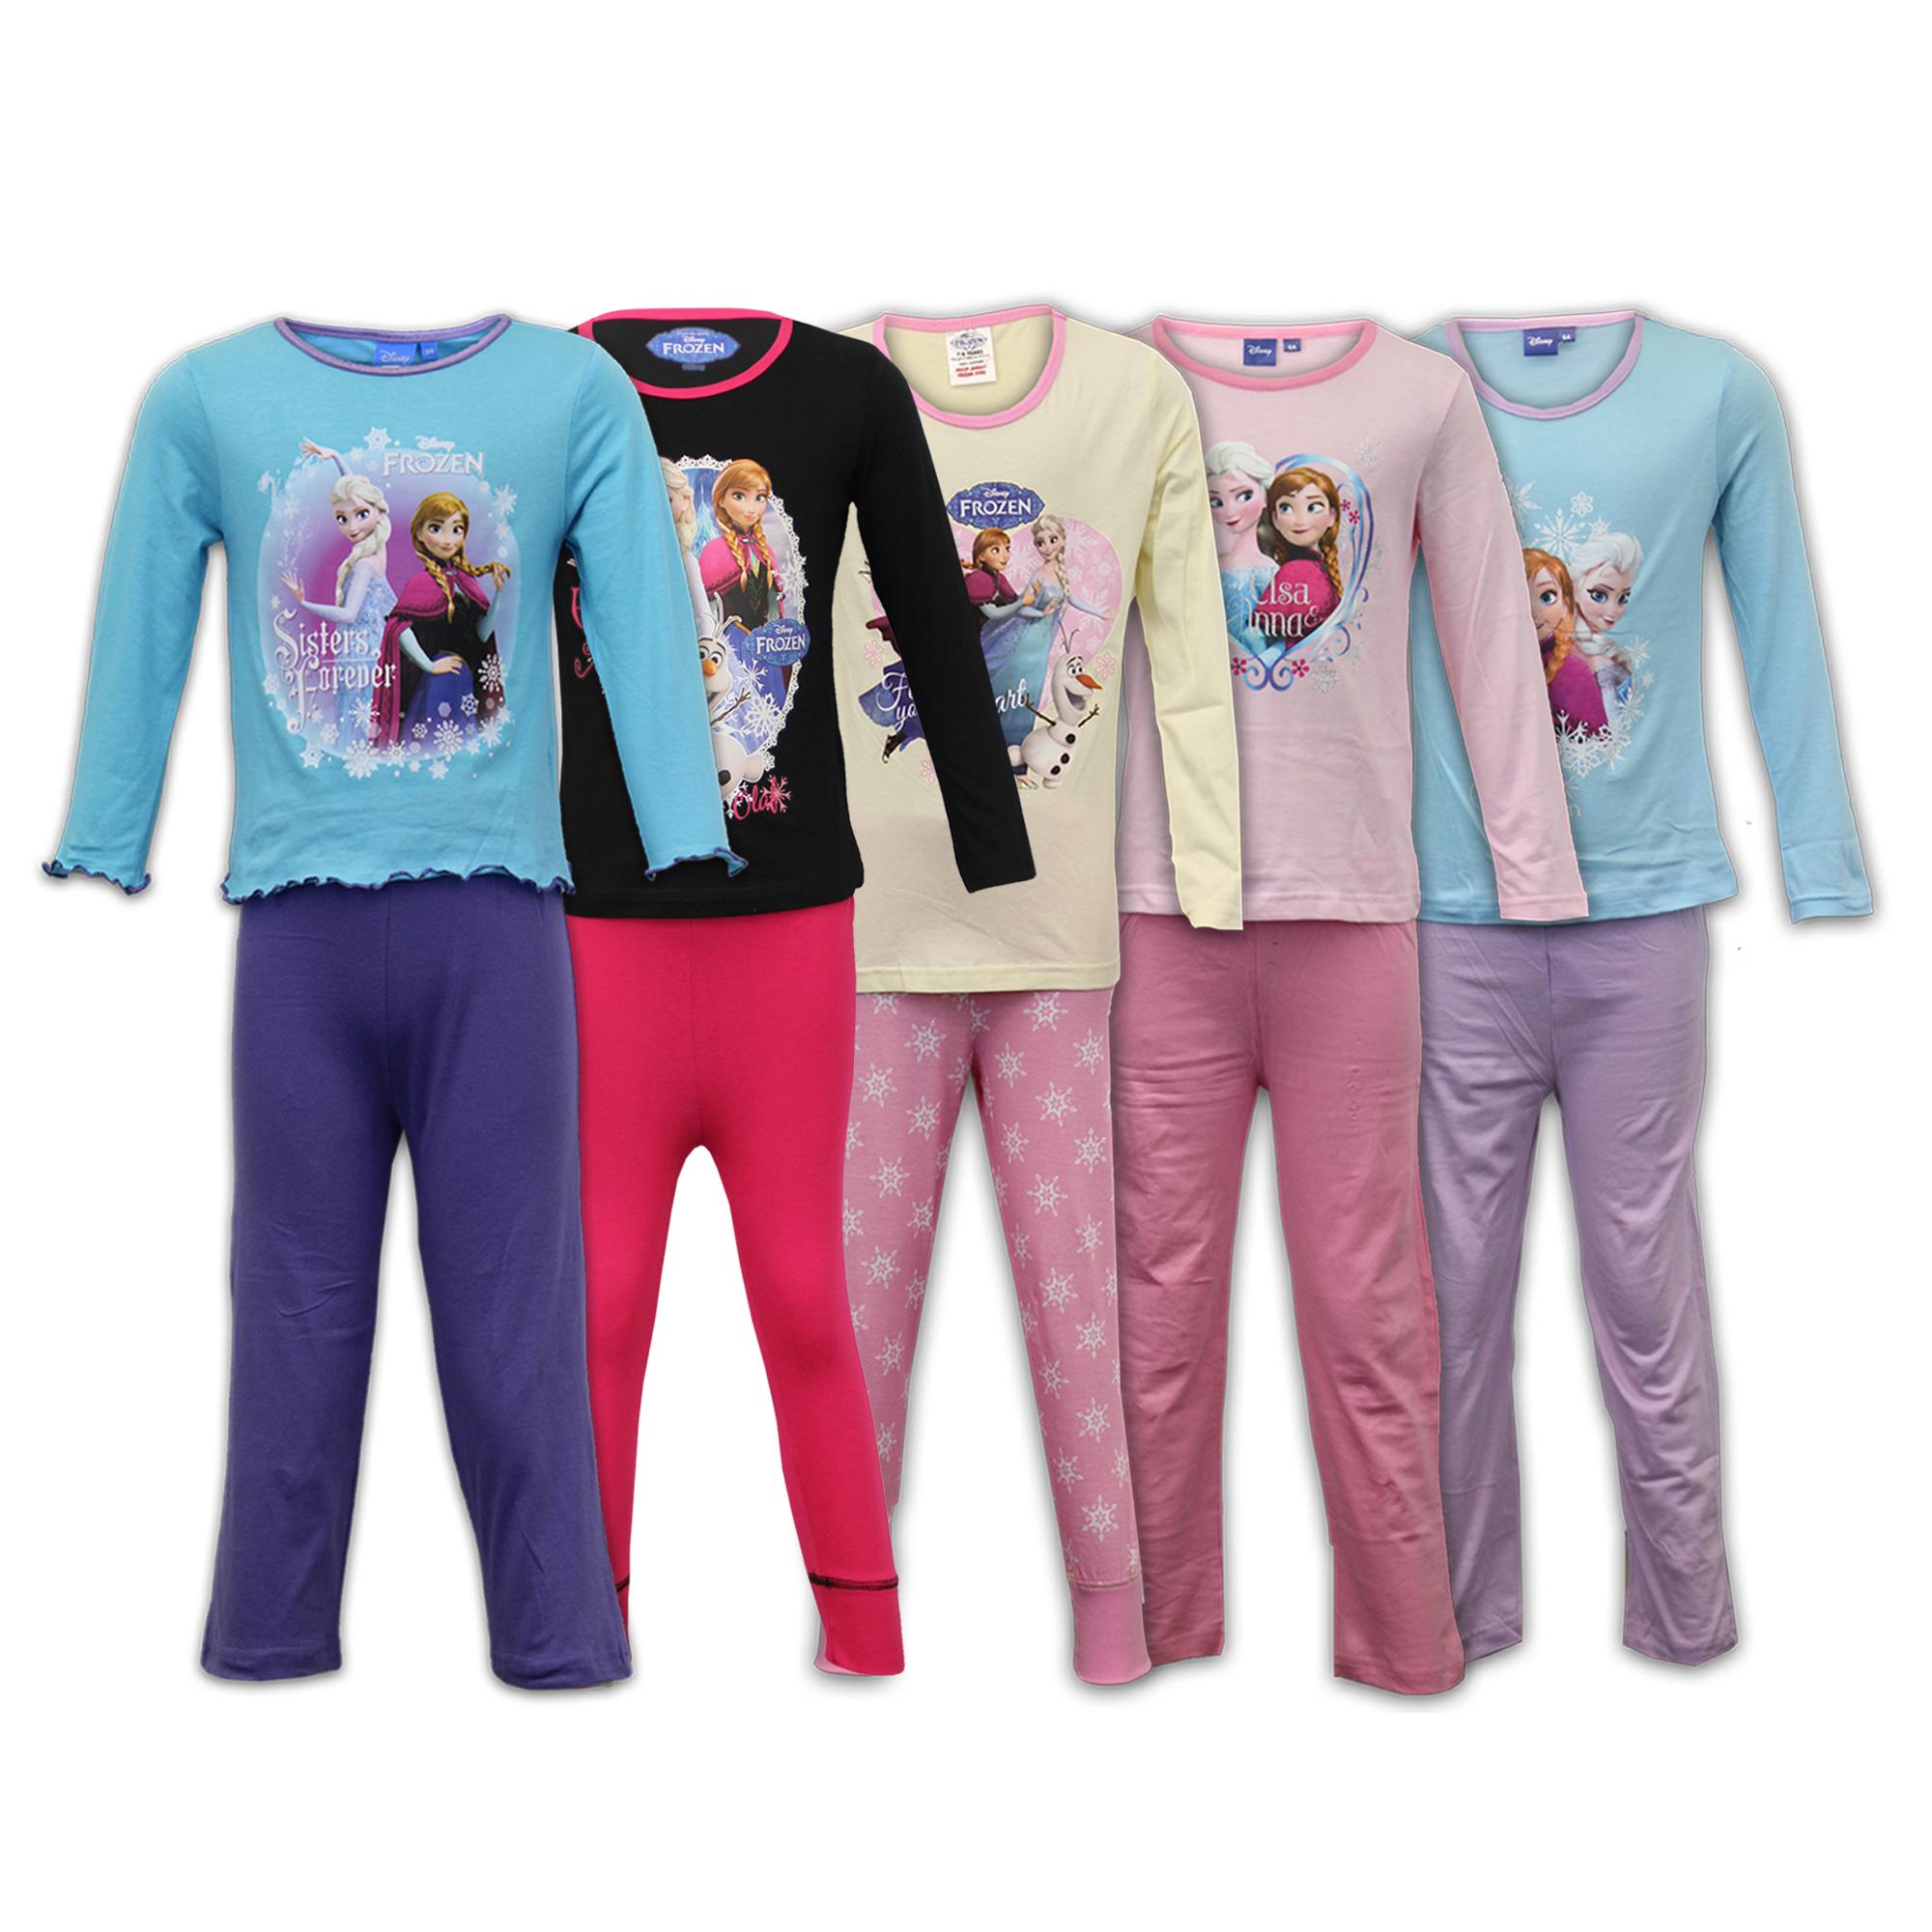 più amato 73766 e4cbd Dettagli su Pigiama Bimba Bambini Set Frozen Disney Abbigliamento da Notte  Maglia